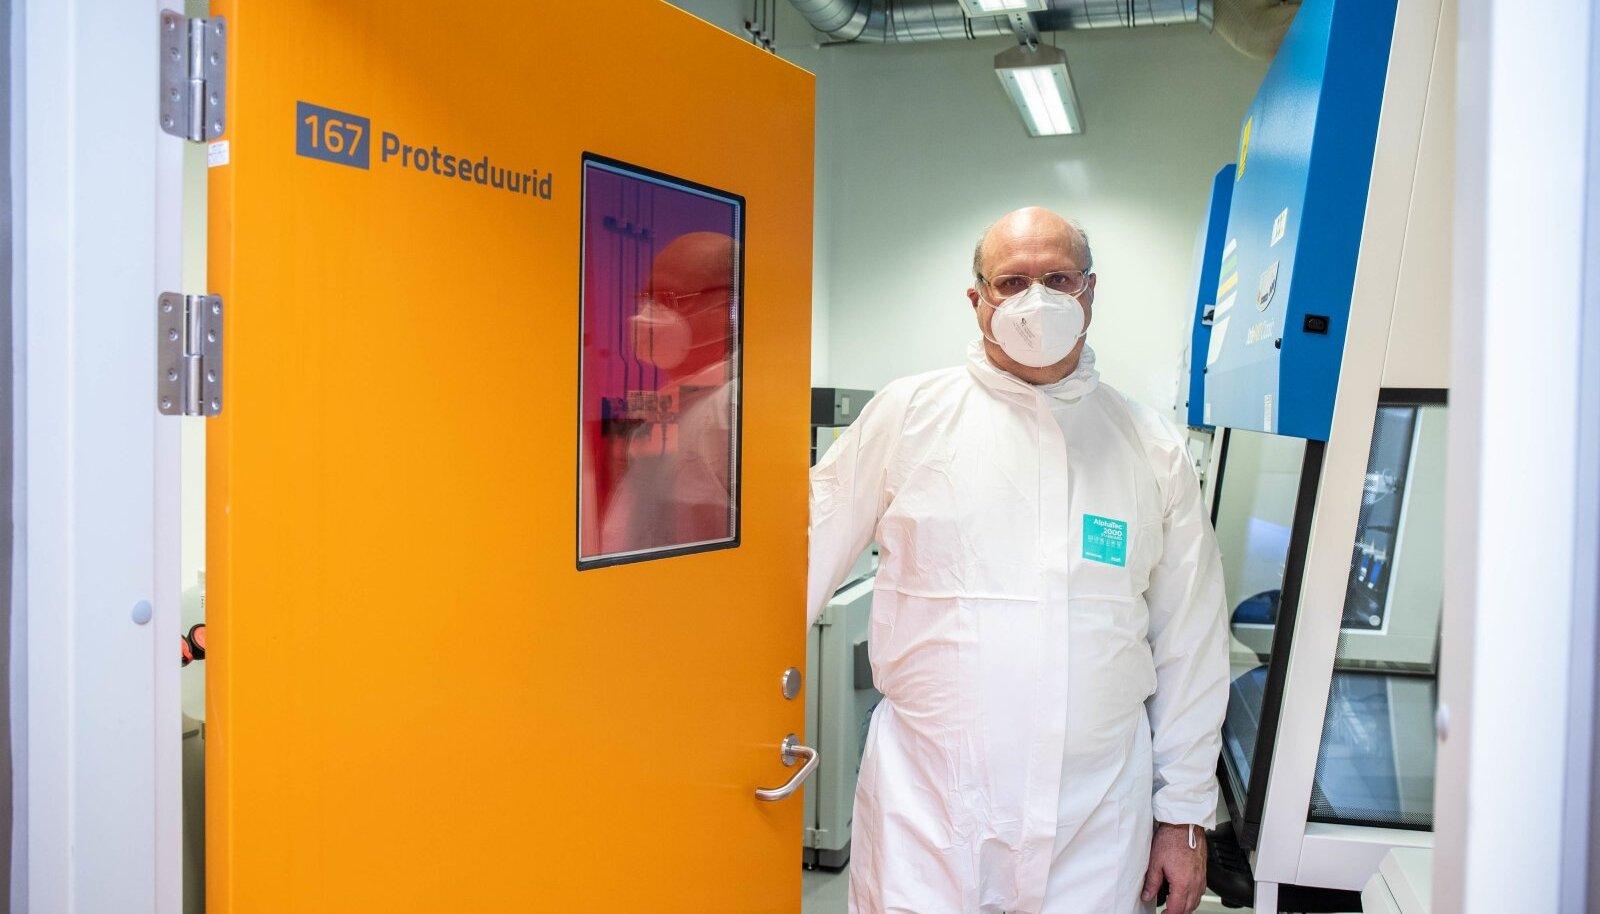 Professor Andres Merits on üks neist teadlastest, kes uurib Eesti inimeste verd. Siiani on ta leidnud, et vaktsineeritud on viiruse vastu oluliselt kaitstumad kui COVID-19 läbipõdenud, sest nende antikehade hulk on suurem ja kvaliteetsem.